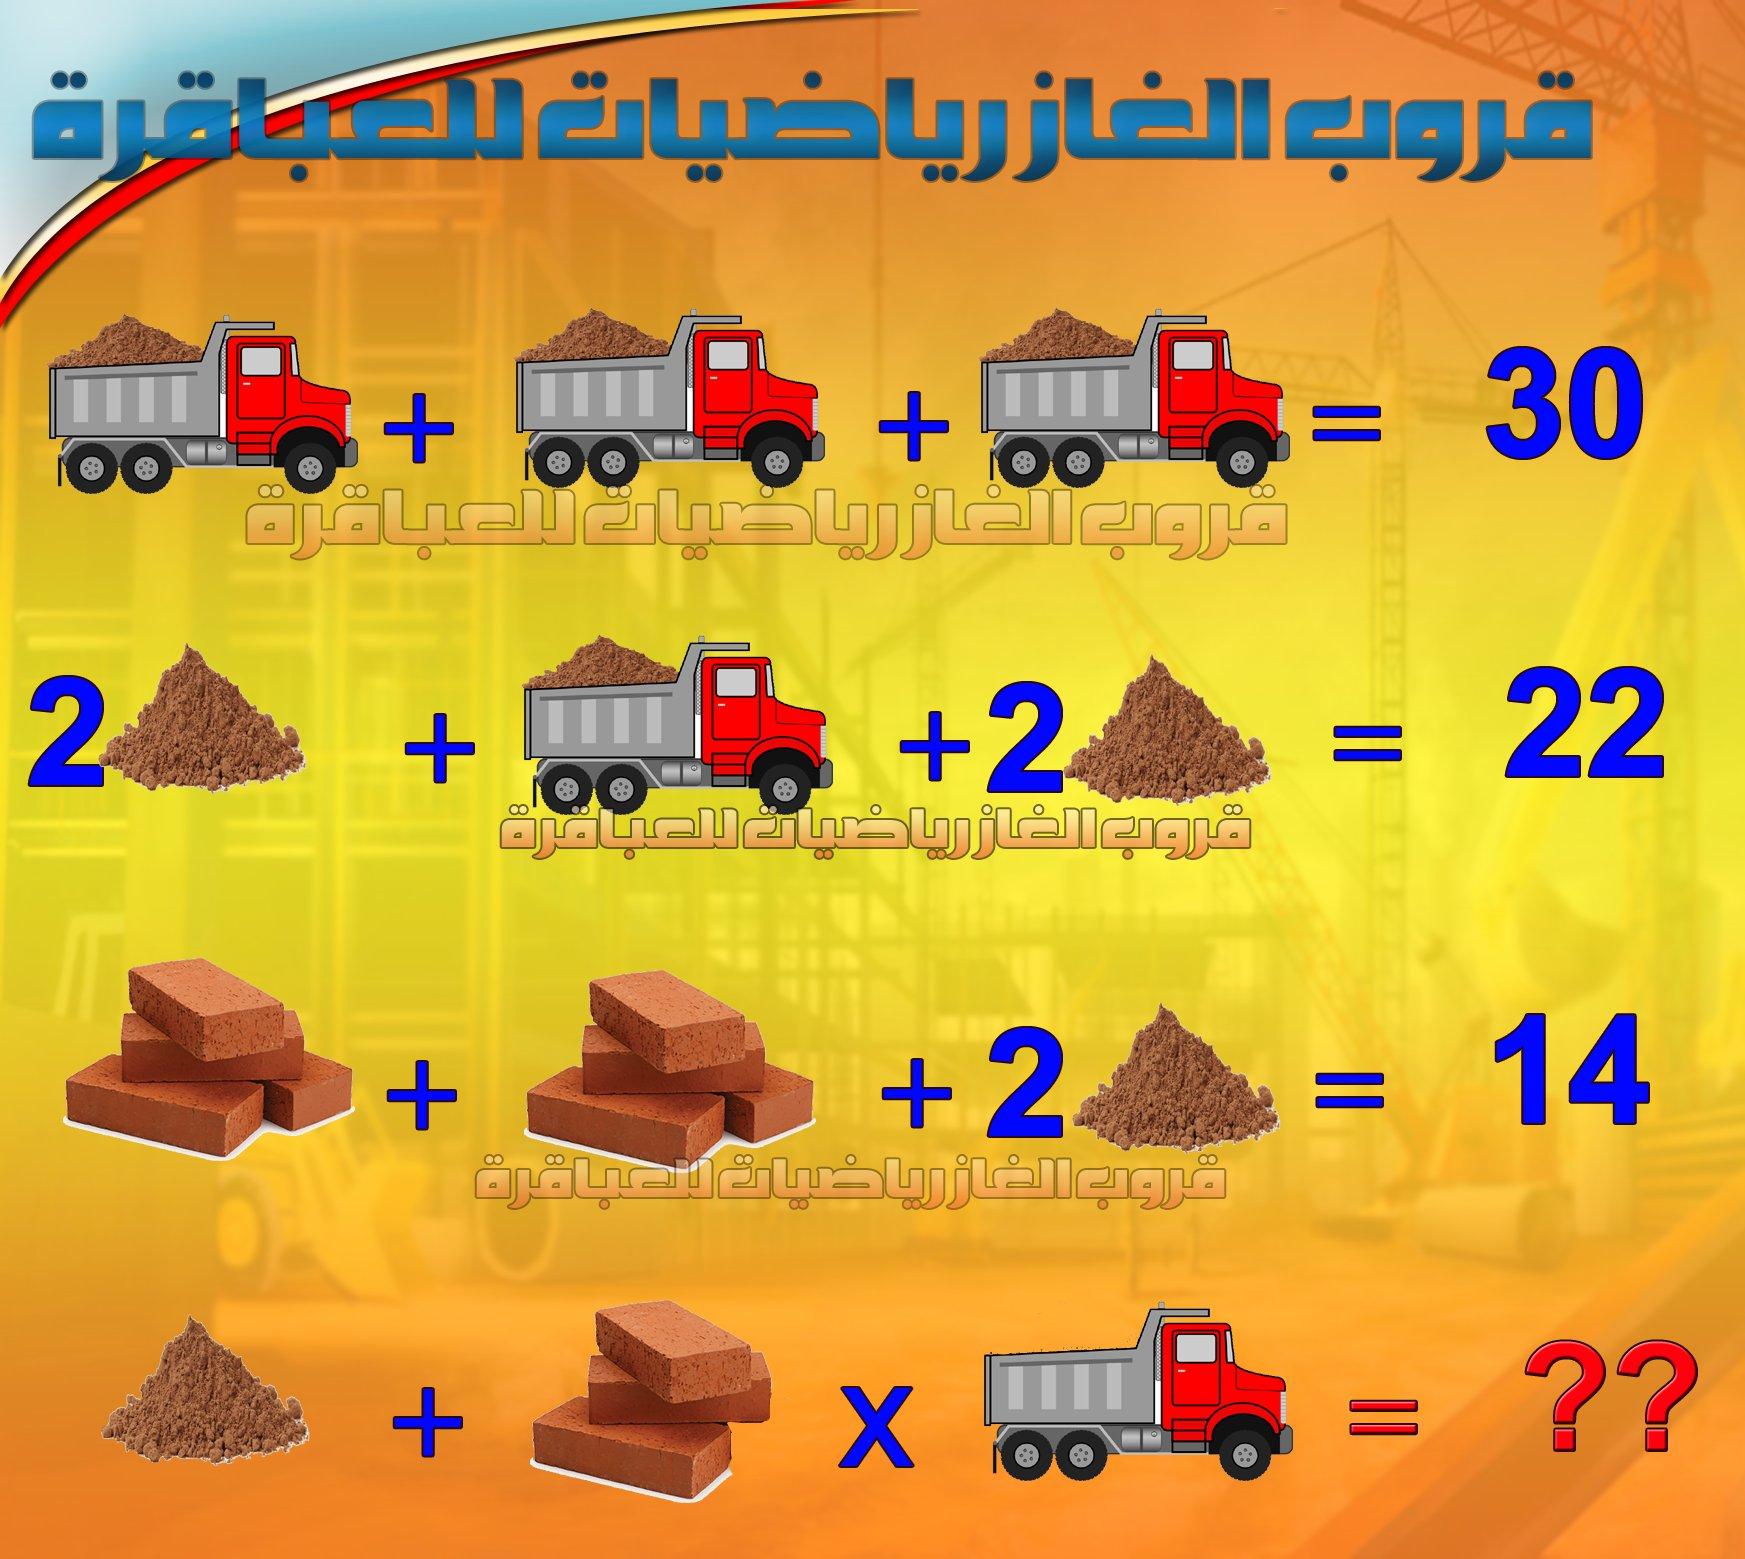 قروب الغاز رياضيات للعباقرة